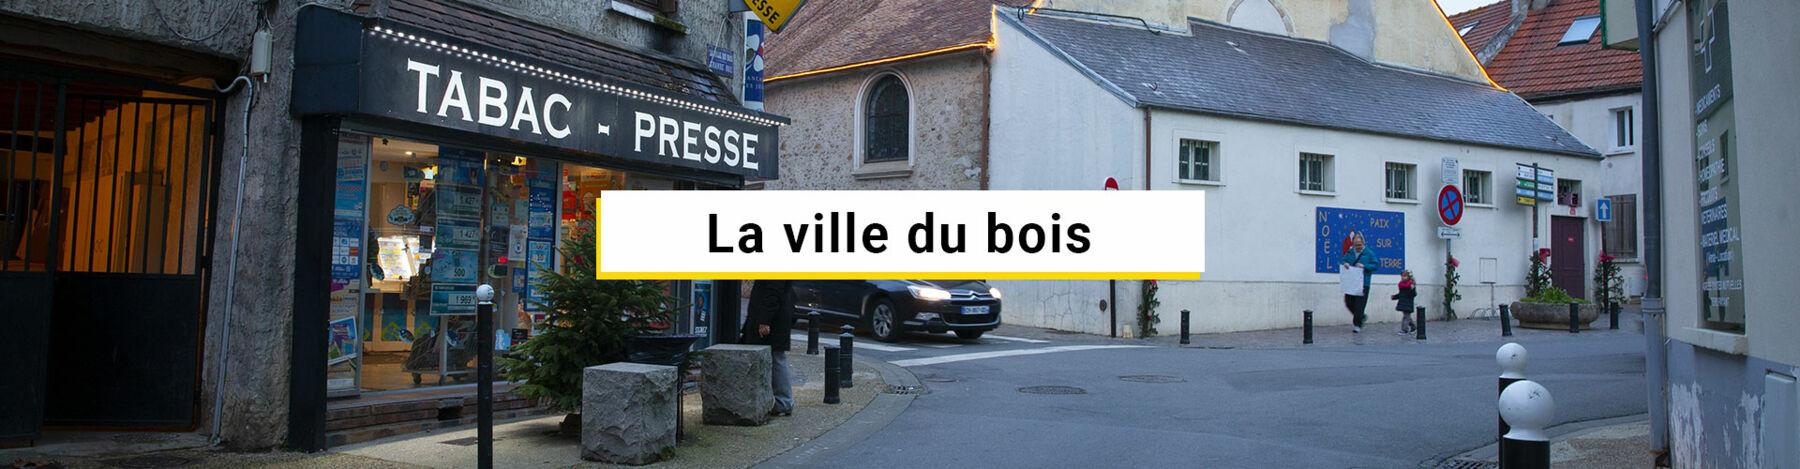 La-Ville-Du-Bois boutiques